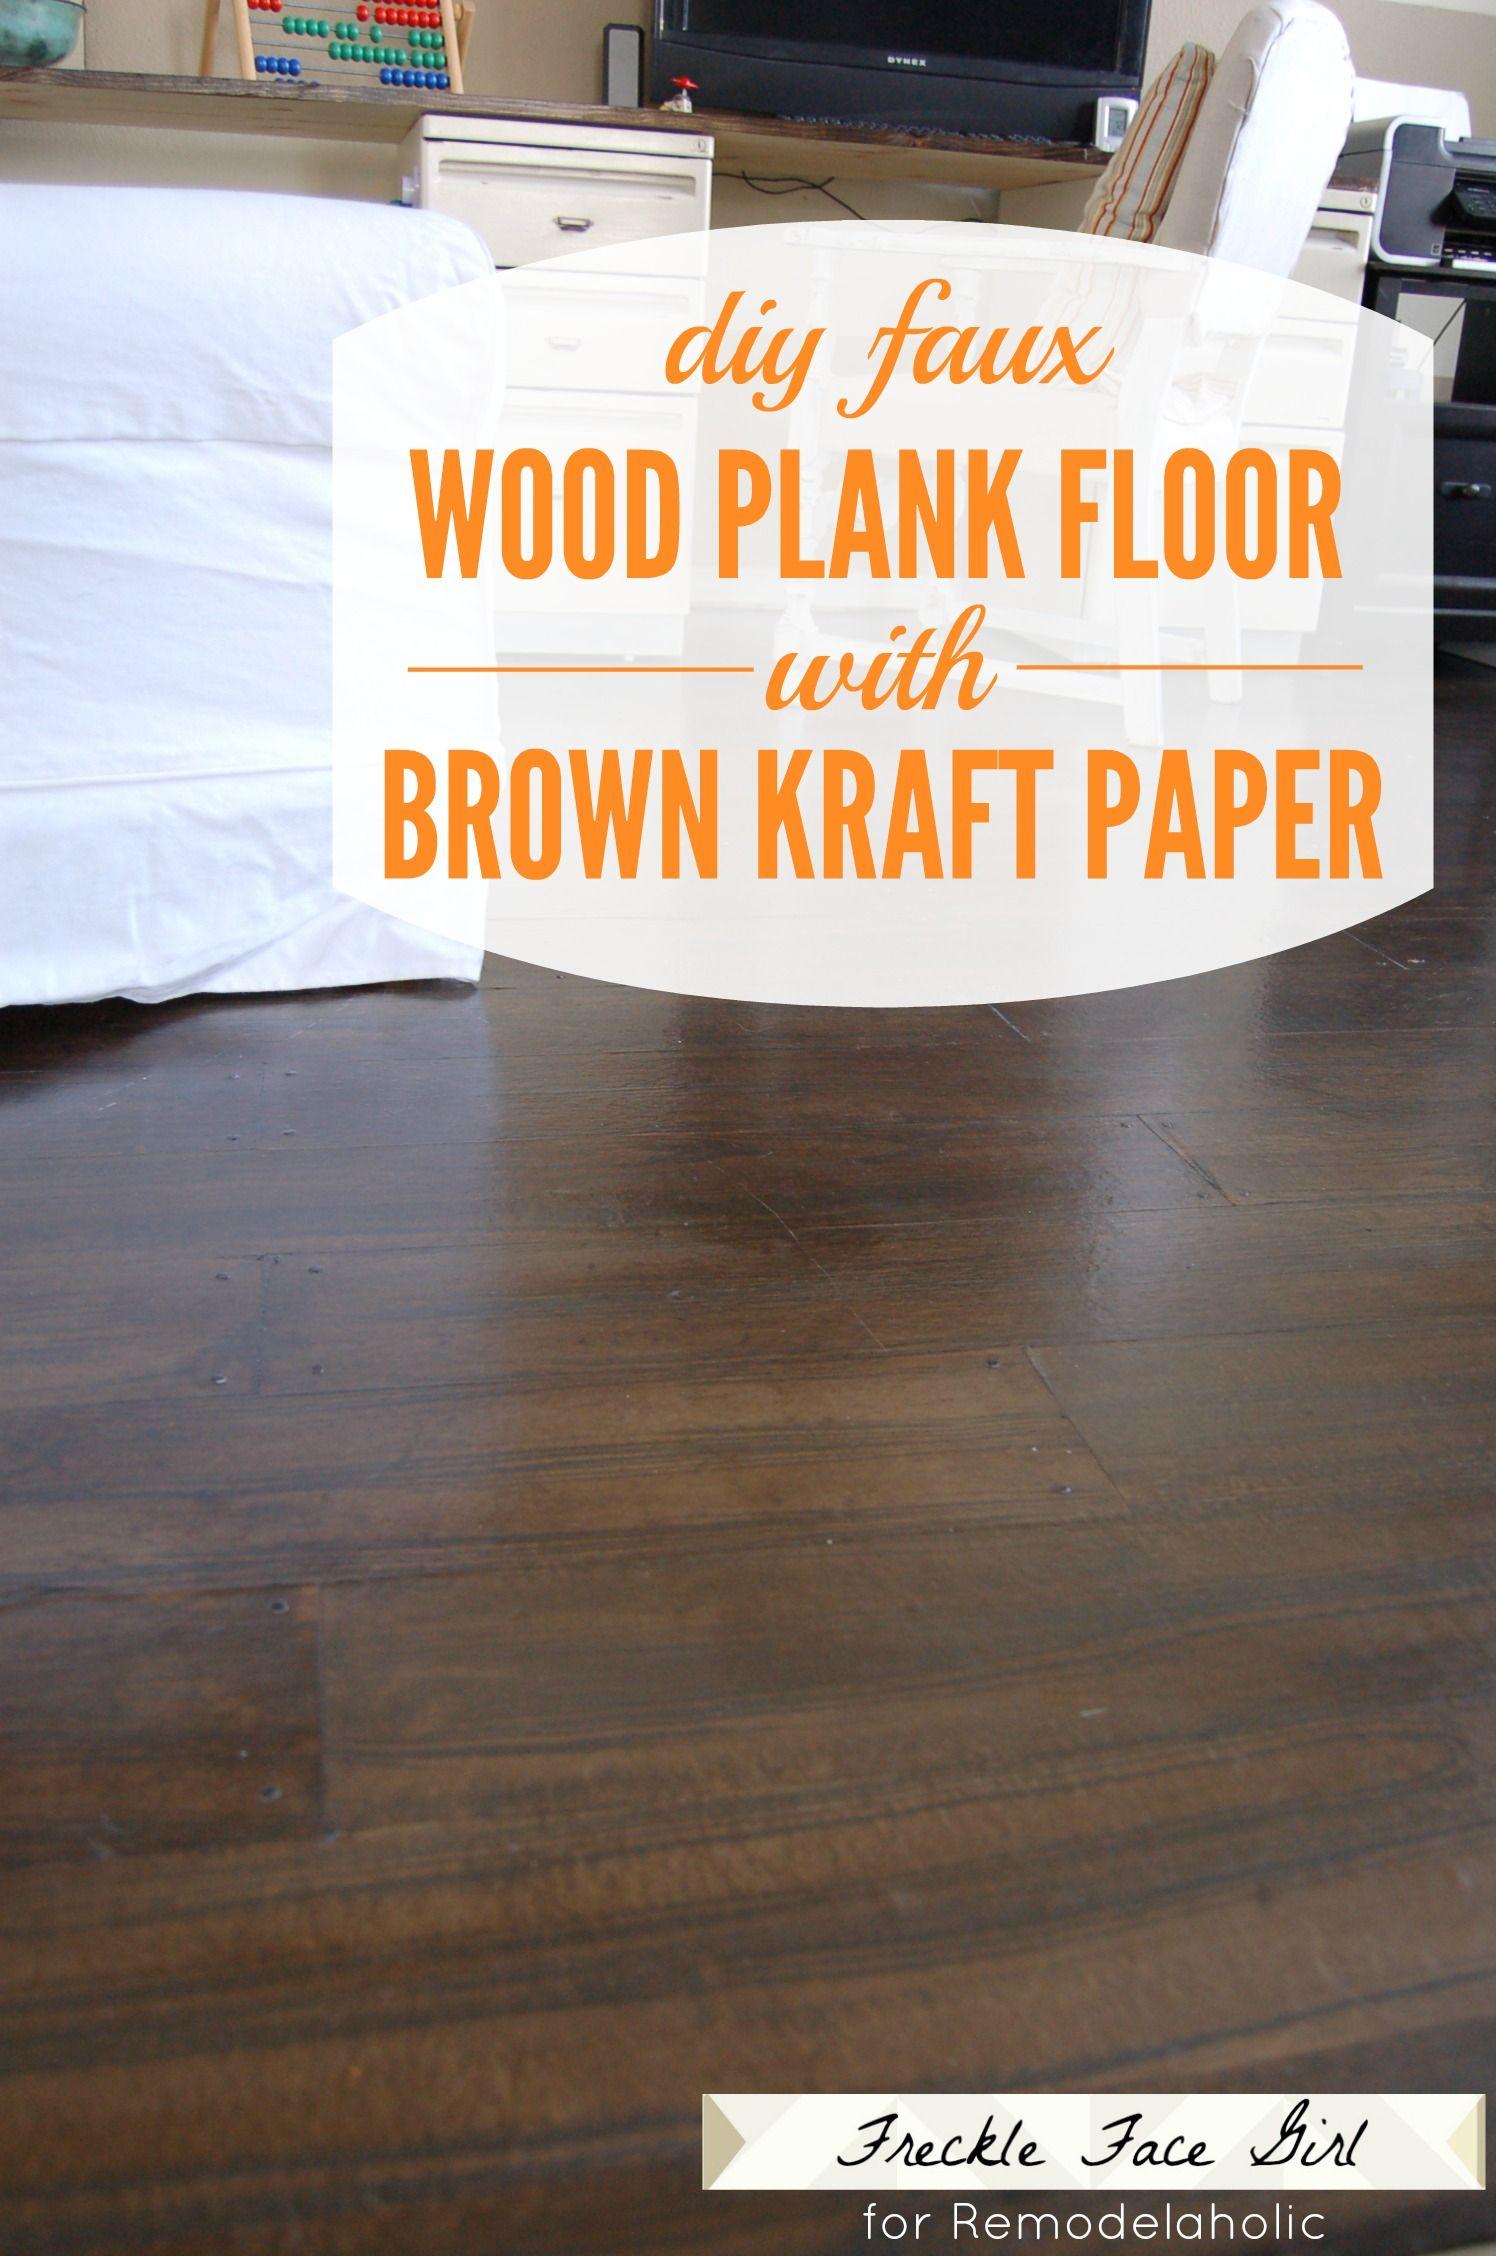 Diy Faux Wood Plank Floor Using Brown